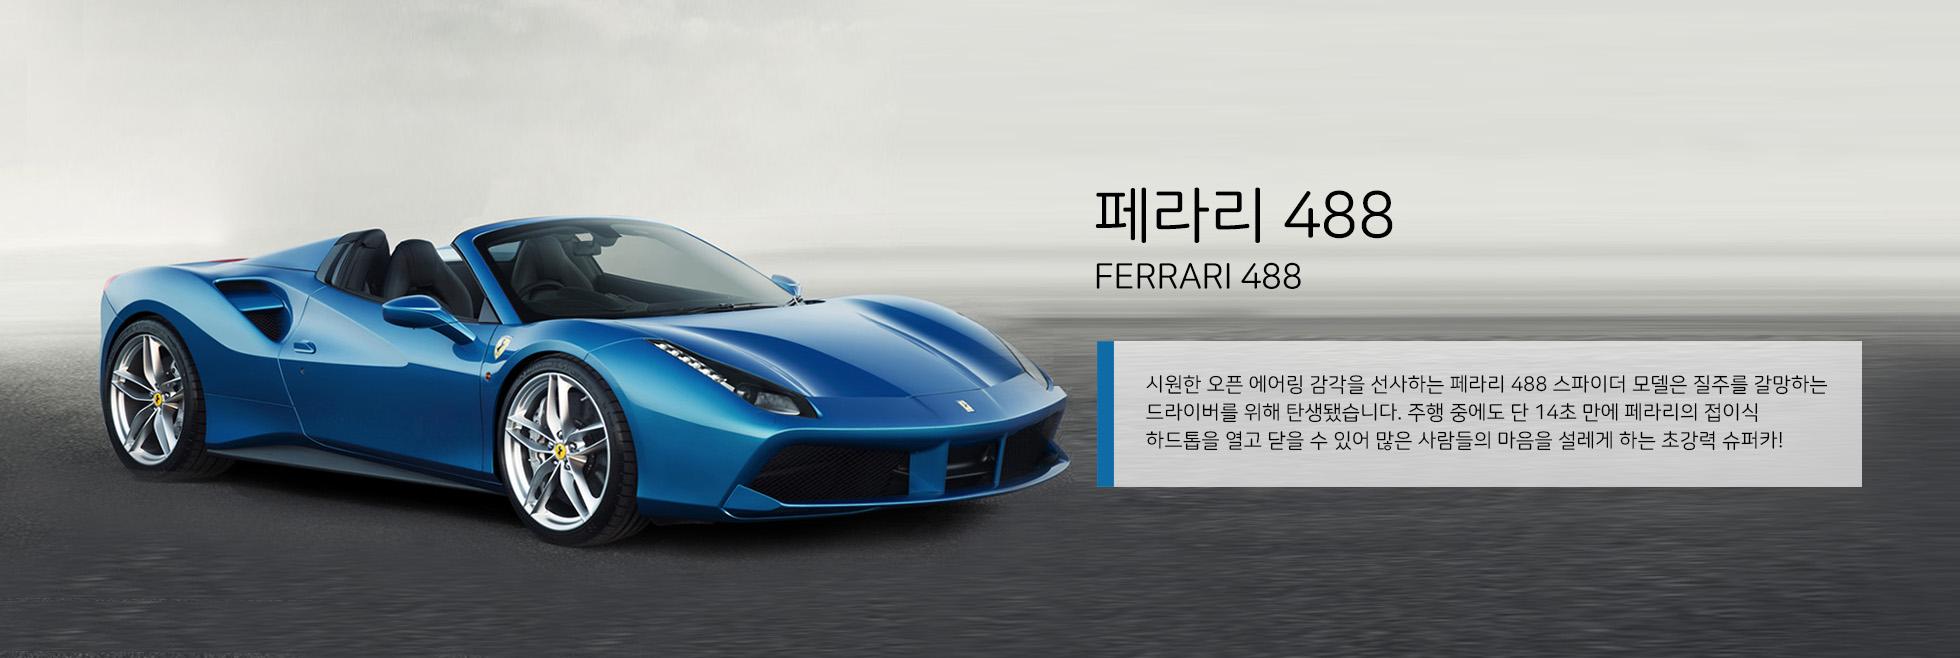 페라리-488 스파이더 설명-수정-03